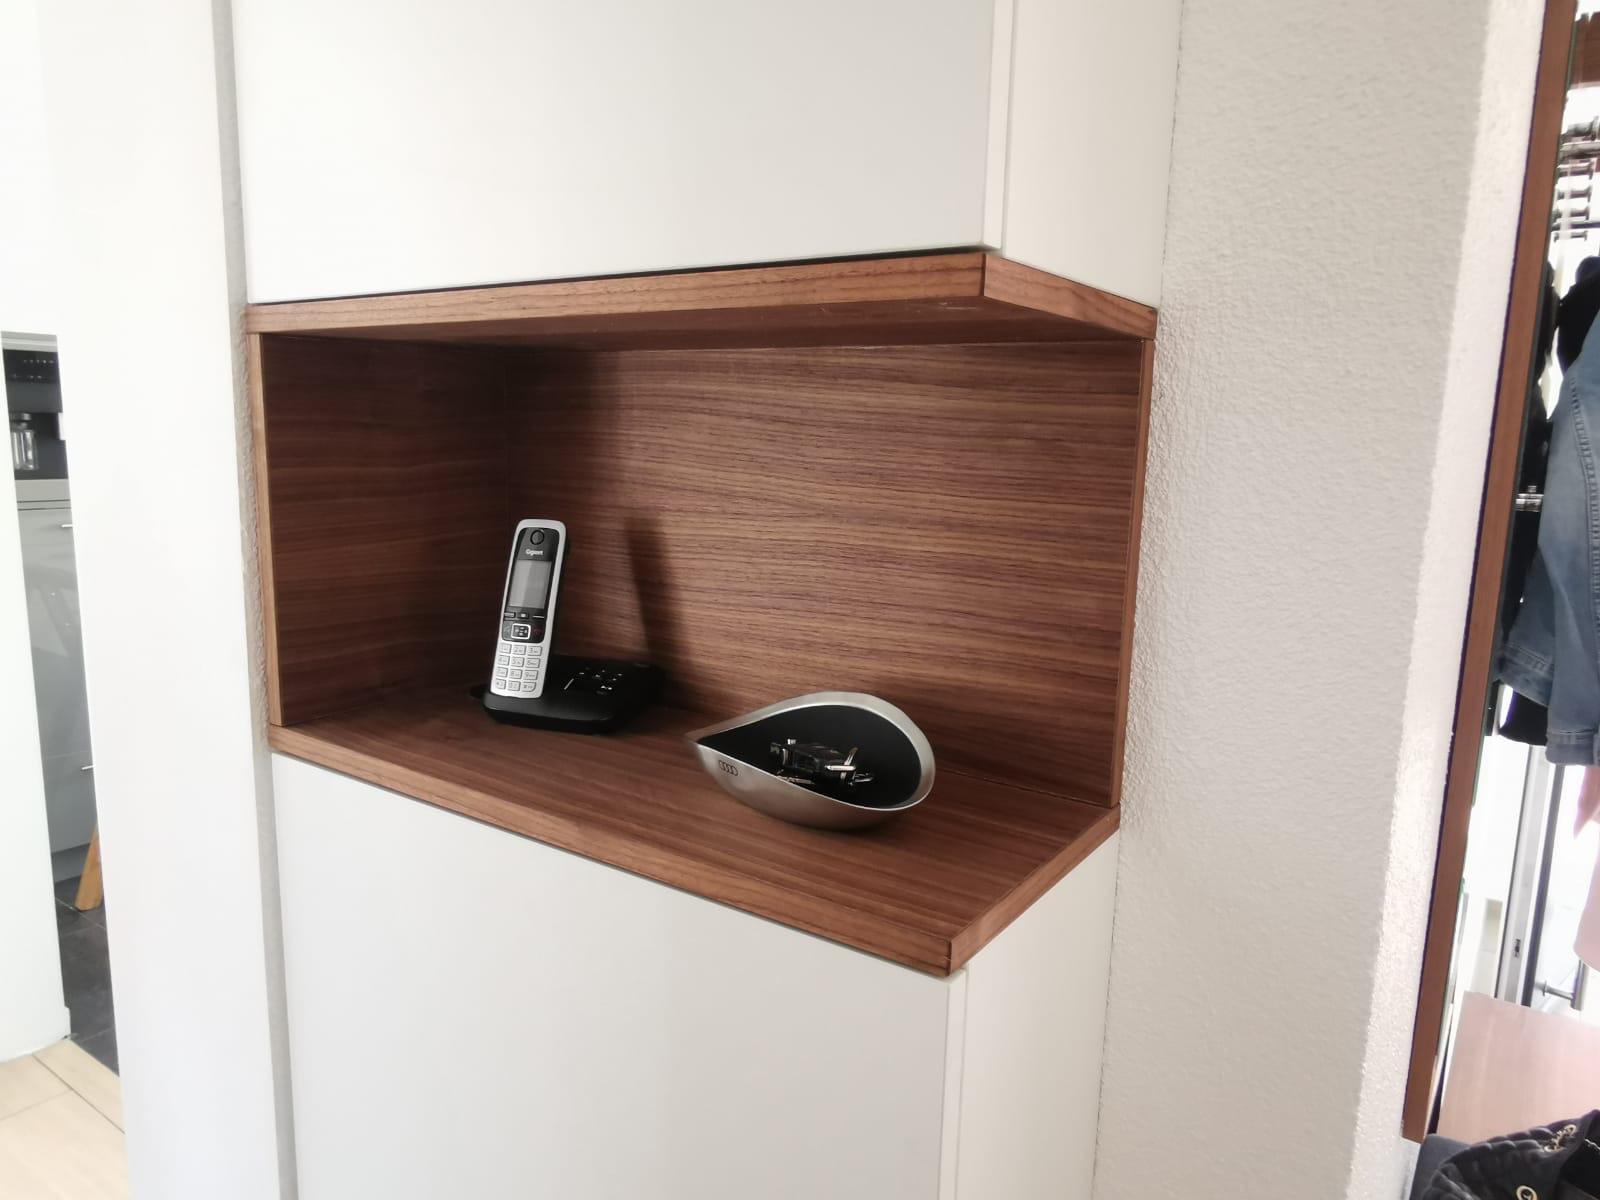 Telefon in Wand Sonderanfertigung Schreiner